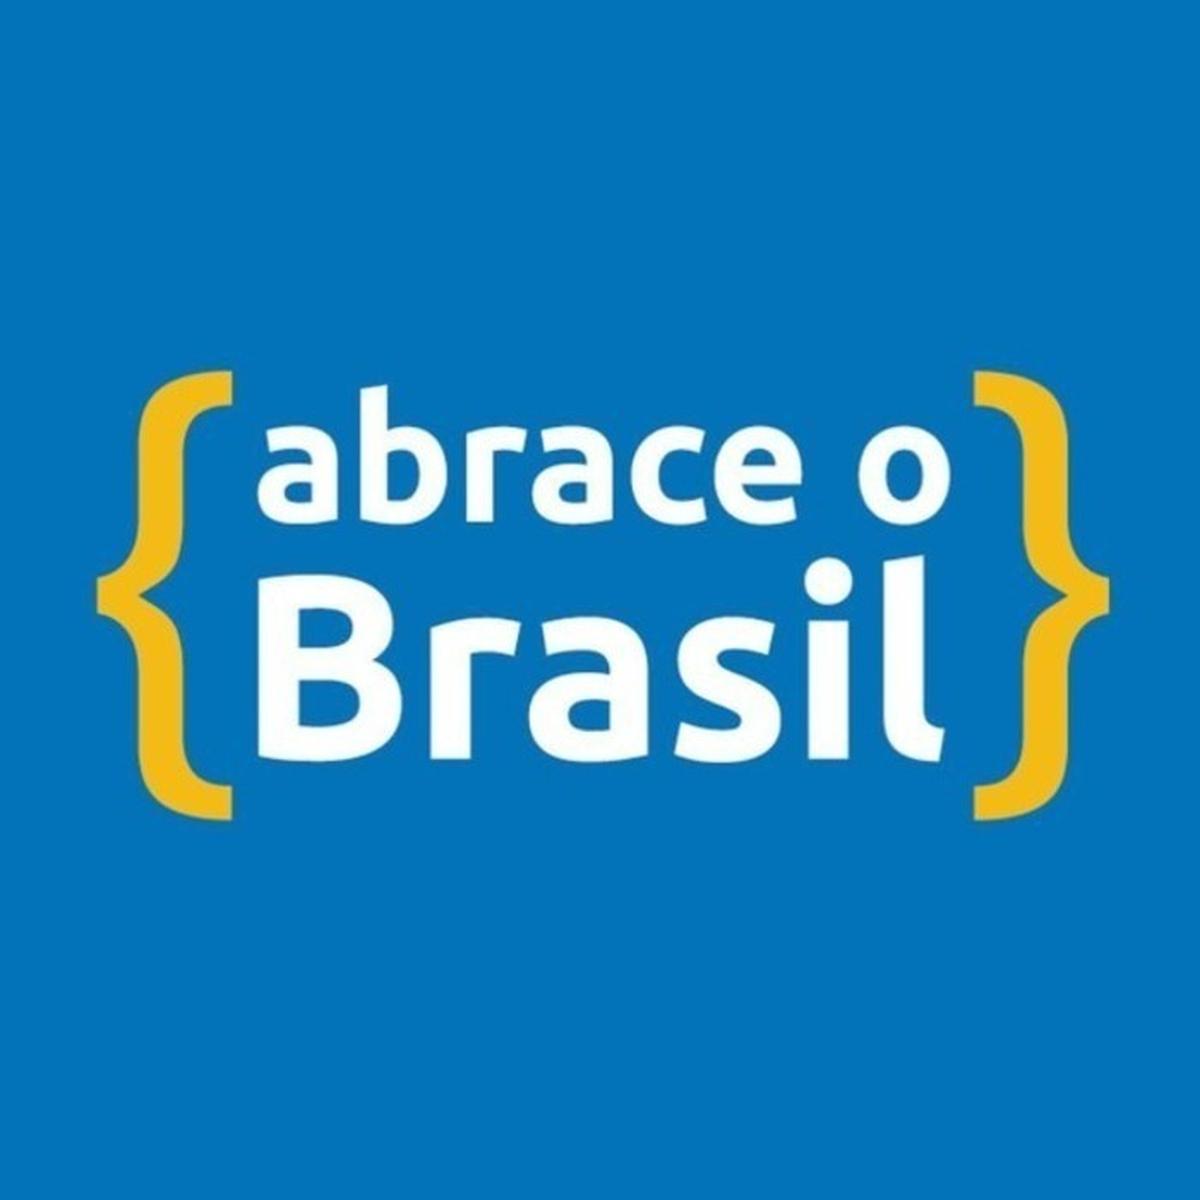 Abrace o Brasil - BrazilFoudation